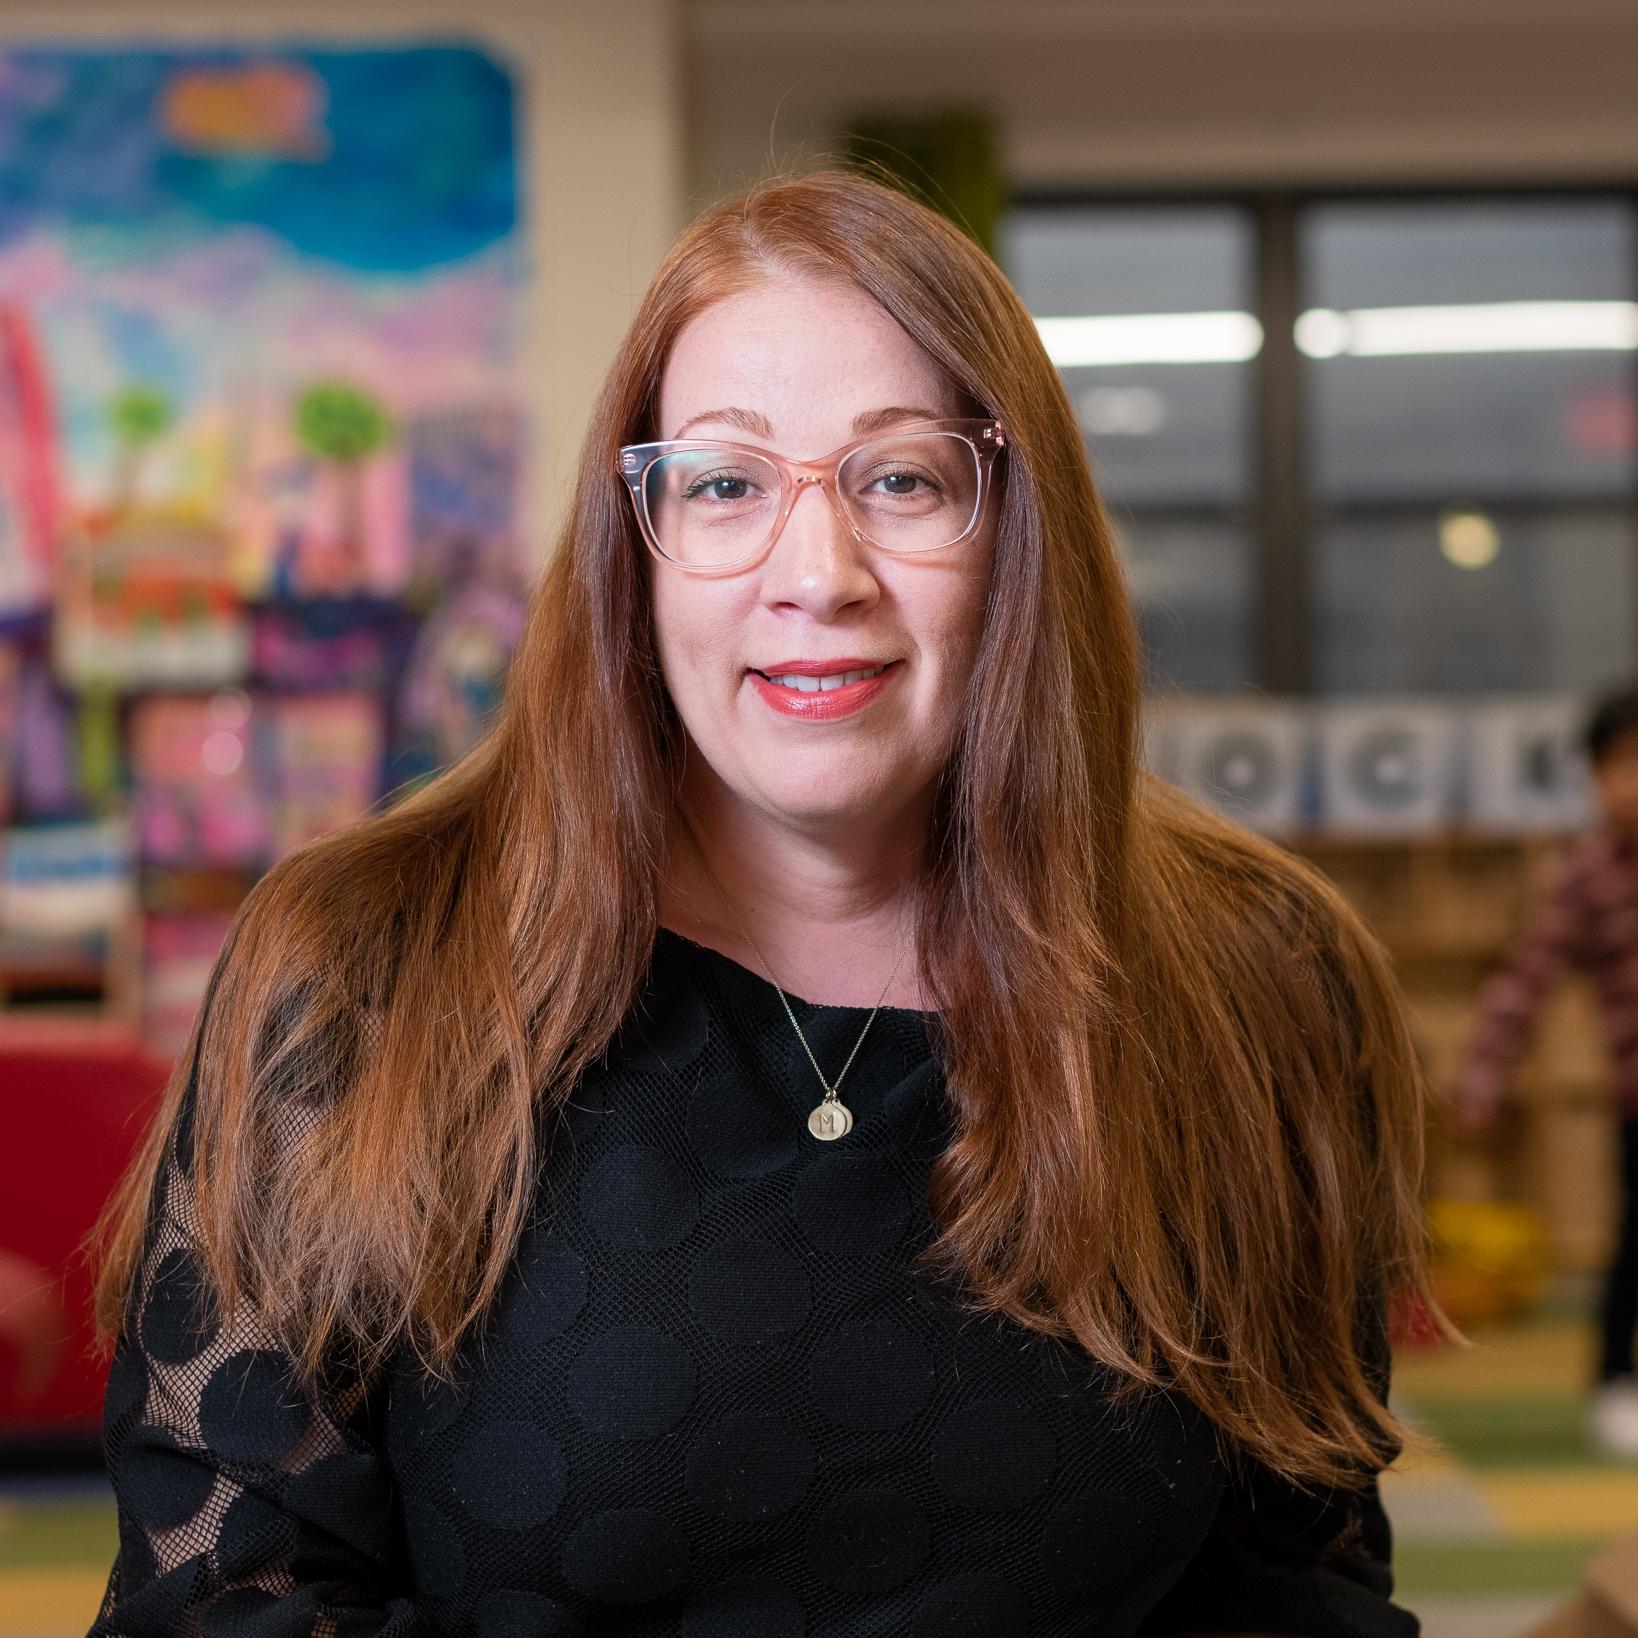 Sharon Geha